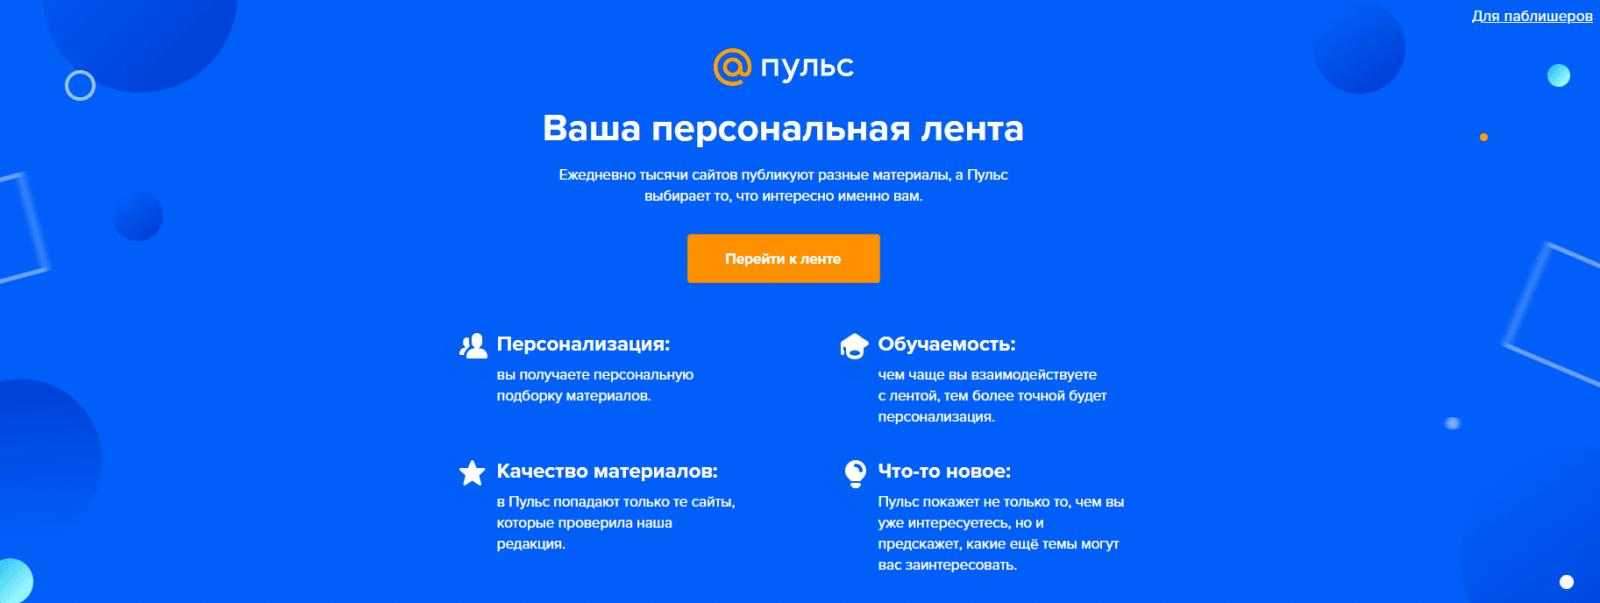 Mail.Ru запустила рекомендательную систему контента «Пульс» (Capture)